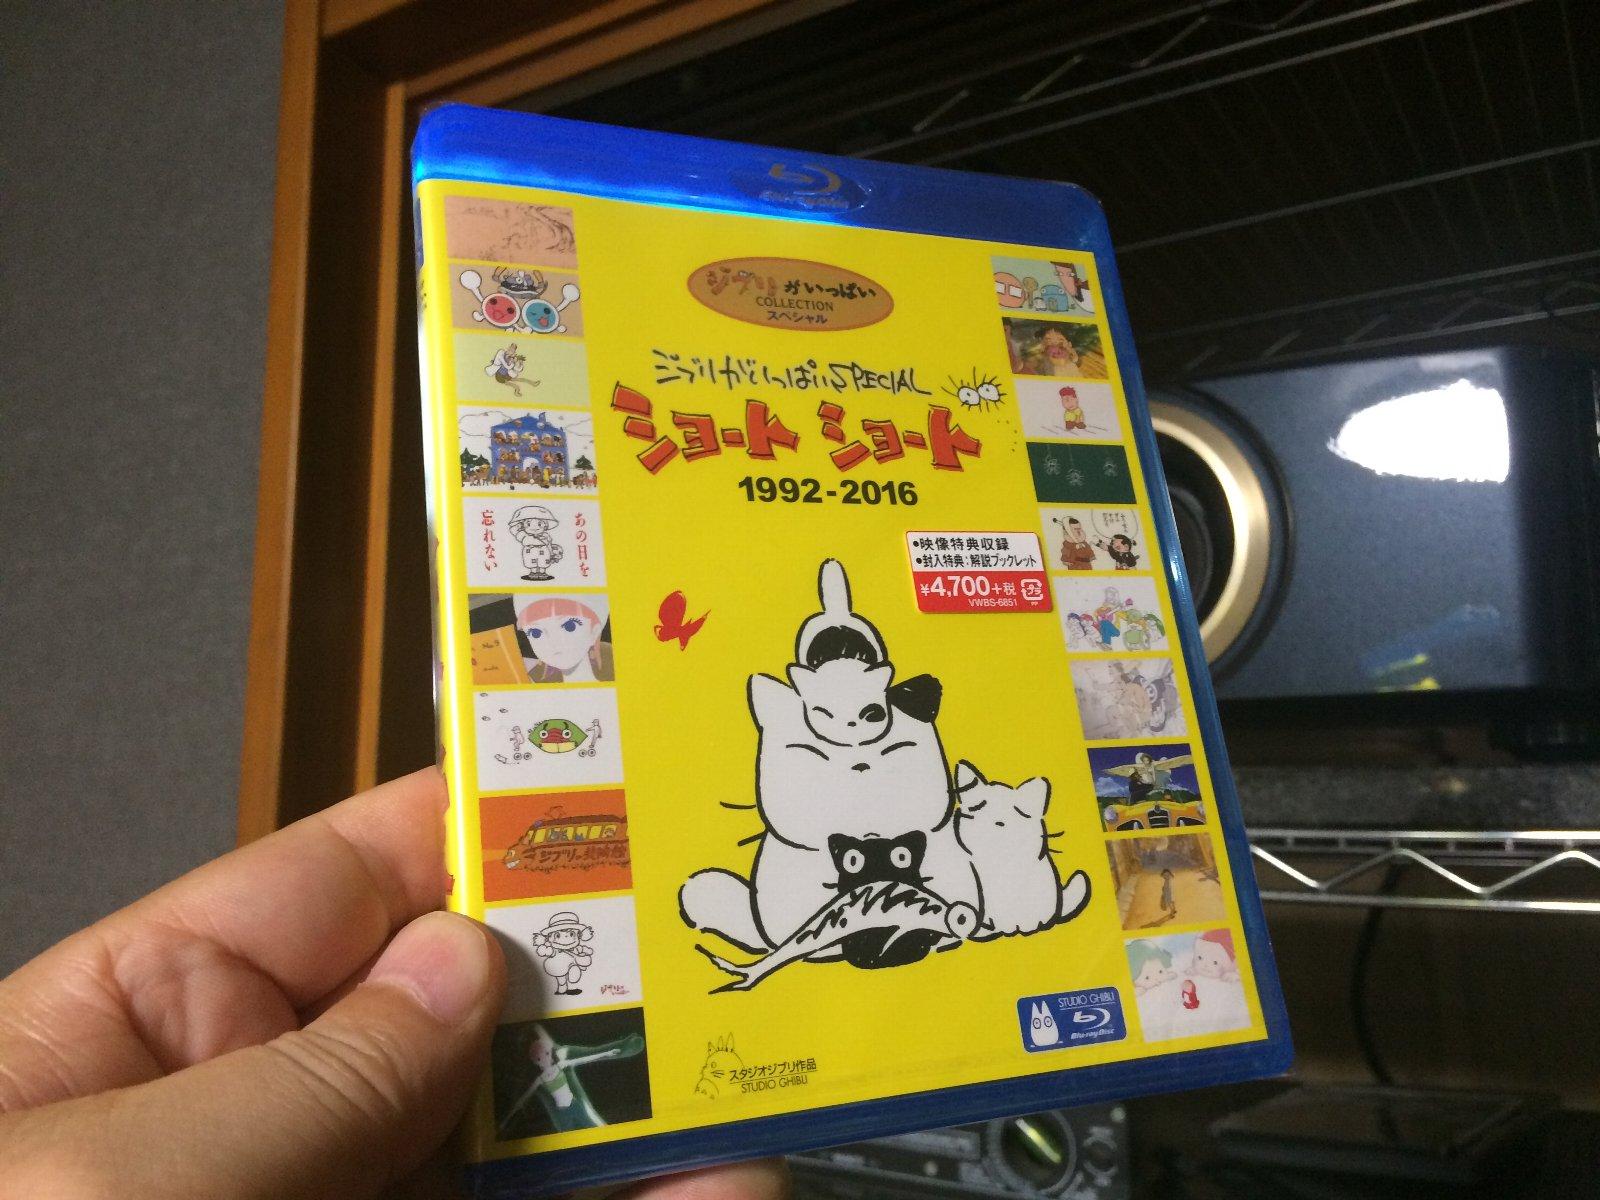 BD『ジブリがいっぱいSPECIAL ショートショート 1992-201』